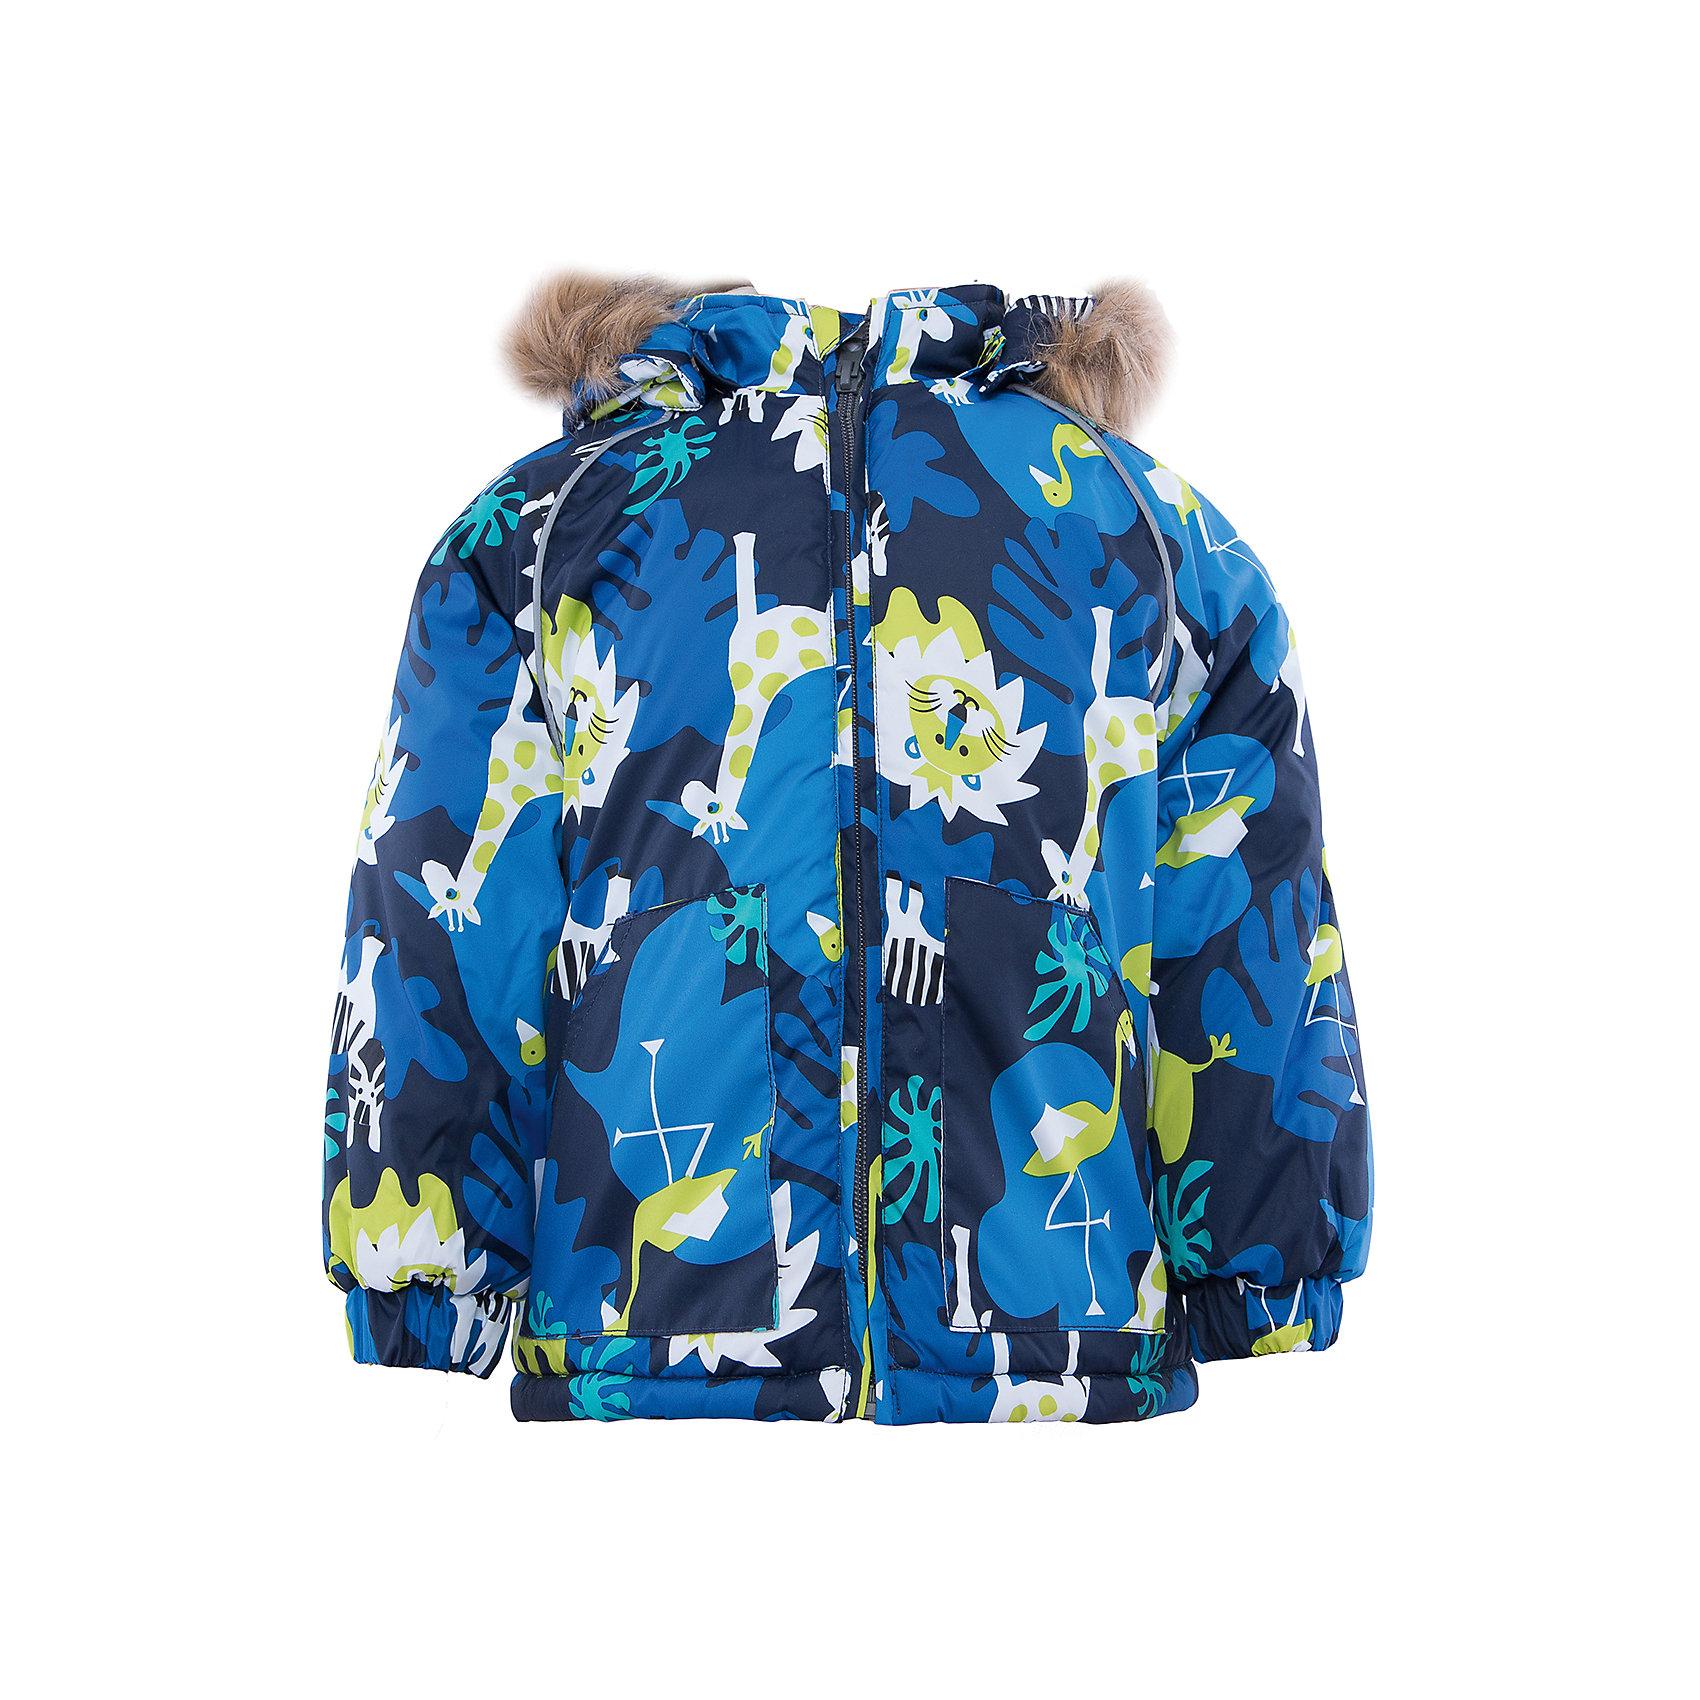 Куртка    HuppaЯркая зимняя куртка с необычным дизайном VIRGO Huppa(Хуппа).<br><br>Утеплитель: 100% полиэстер, 300 гр.<br><br>Температурный режим: до -30 градусов. Степень утепления – высокая. <br><br>* Температурный режим указан приблизительно — необходимо, прежде всего, ориентироваться на ощущения ребенка. Температурный режим работает в случае соблюдения правила многослойности – использования флисовой поддевы и термобелья.<br><br>Изготовлена из качественных и прочных материалов, с учетом особенностей нежной кожи ребенка. Резинки на рукавах помогут избежать попадания снега под одежду. Специальная мембрана не даст воде и холодному воздуху проникнуть под одежду и поможет избавиться от лишней влаги, выделяемой телом. Мягкая подкладка из фланели отлично позаботится о чувствительной коже крохи и не вызовет раздражения. Модель имеет отстегивающийся капюшон, вместительные карманы и светоотражающие элементы. В этой куртке есть все, что нужно для хорошего настроения во время зимних прогулок!<br><br>Дополнительная информация:<br>Материал: 100% полиэстер<br>Подкладка: фланель - 100% хлопок<br>Цвет: синий/темно-синий<br><br>Куртку VIRGO Huppa(Хуппа) вы можете приобрести в нашем интернет-магазине.<br><br>Ширина мм: 356<br>Глубина мм: 10<br>Высота мм: 245<br>Вес г: 519<br>Цвет: синий<br>Возраст от месяцев: 18<br>Возраст до месяцев: 24<br>Пол: Мужской<br>Возраст: Детский<br>Размер: 92,86,80,104,98<br>SKU: 4928185